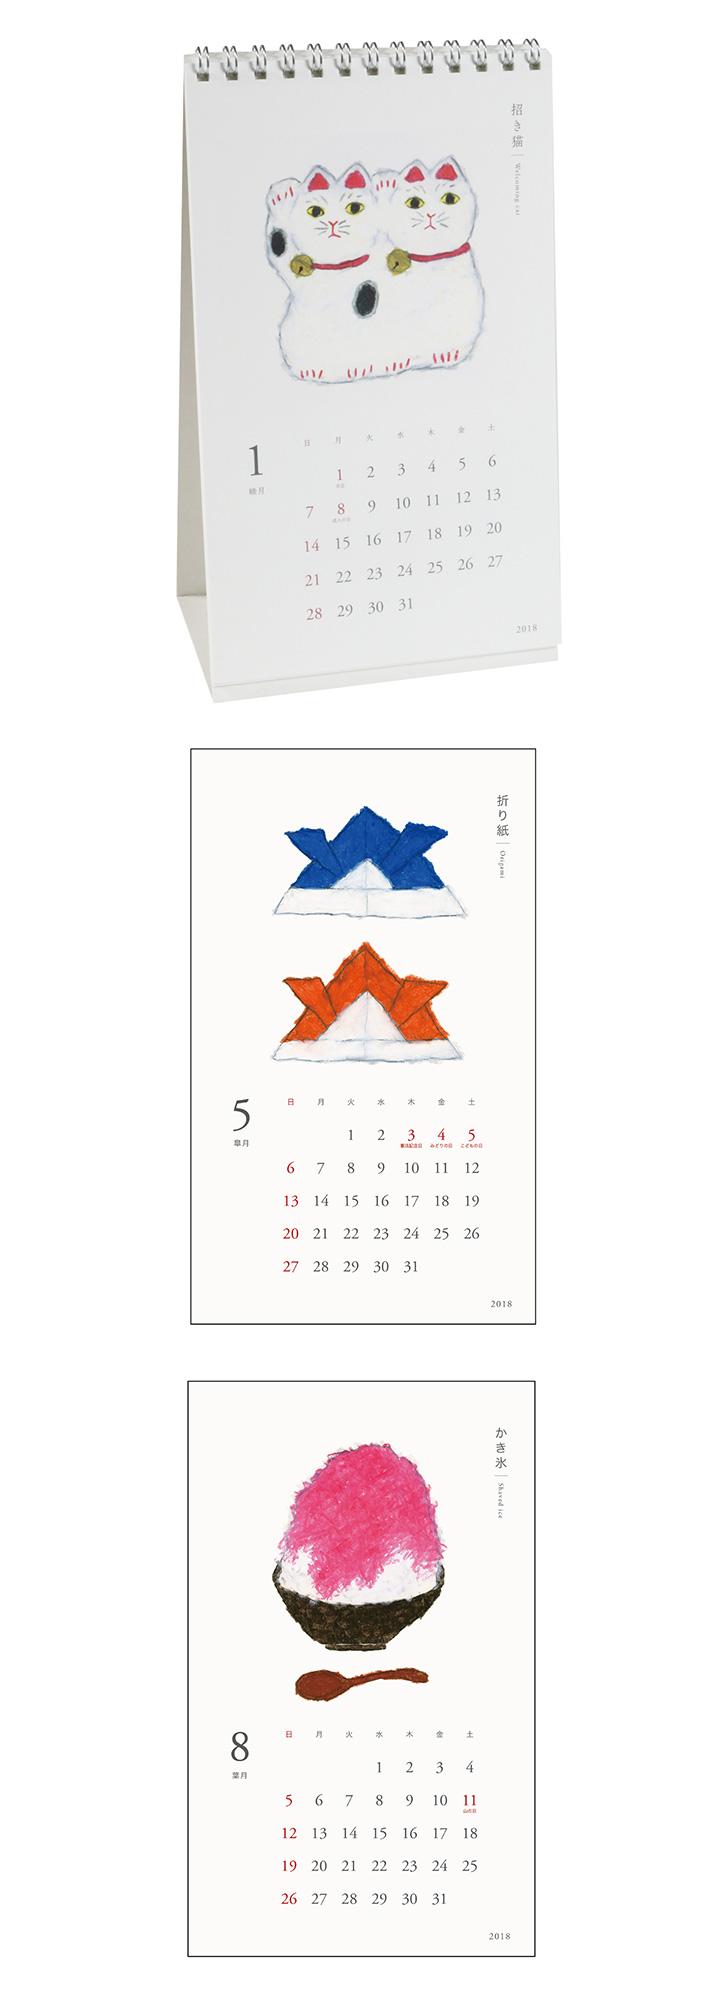 2018 米津祐介 和風卓上カレンダー